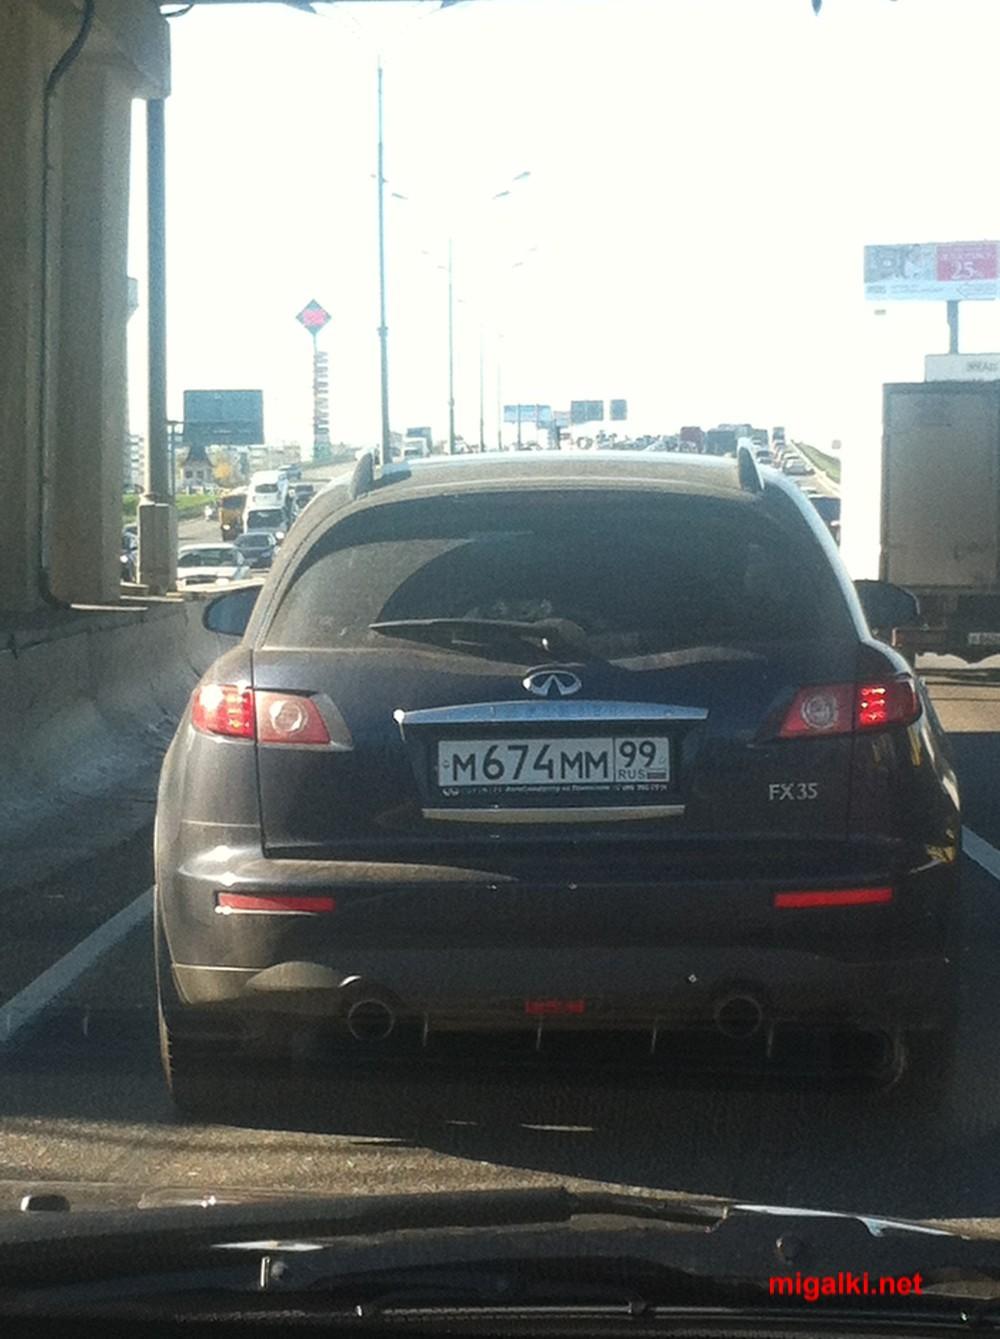 м674мм99